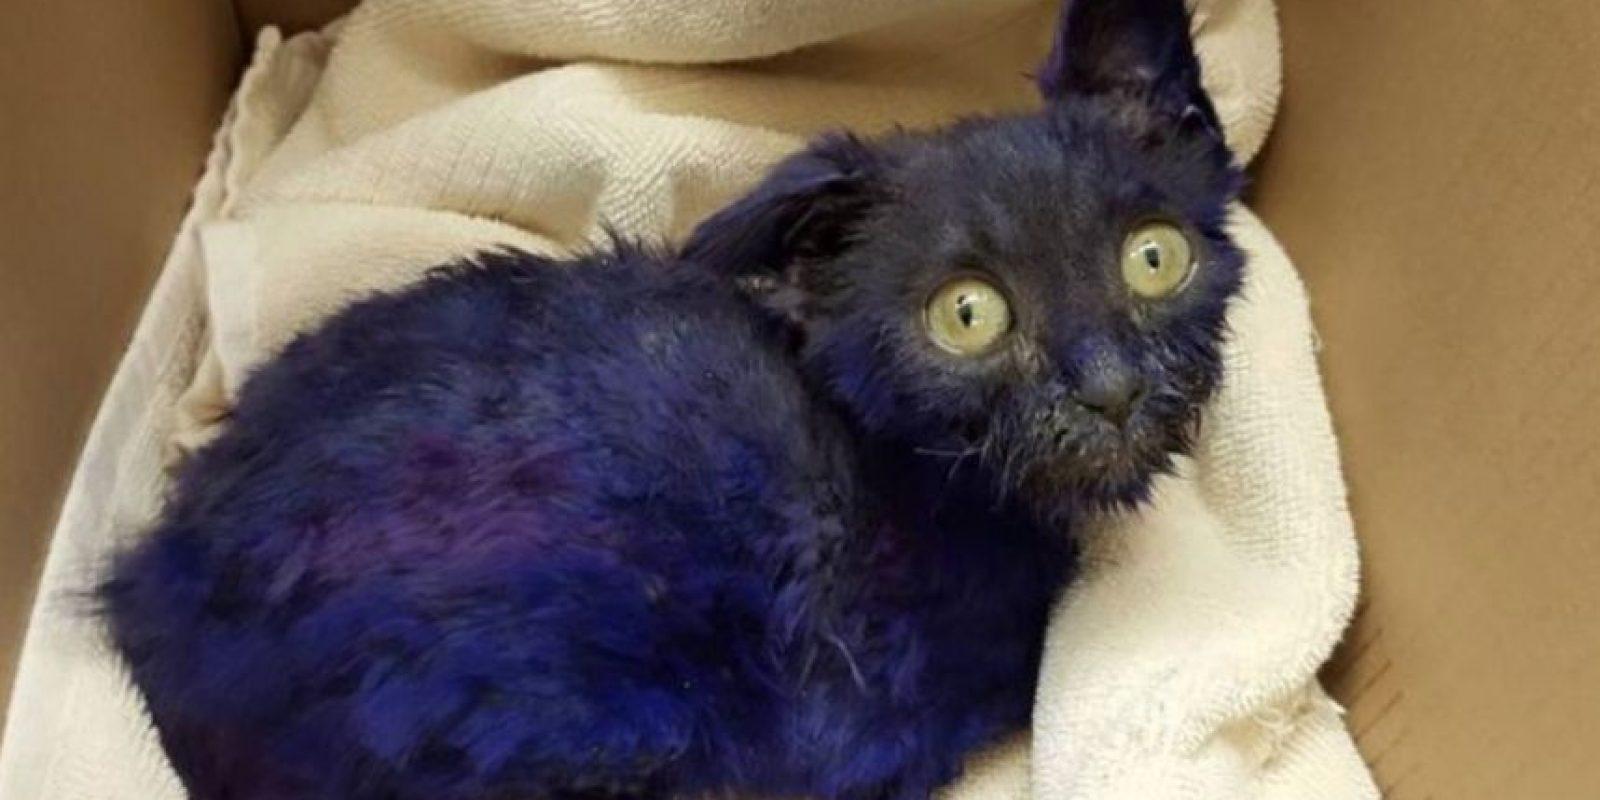 Según la veterinaria Mónica Rudiger, el pequeño era utilizado como cebo en el entrenamiento de perros de pelea. Foto:Vía facebook.com/NineLivesFoundation